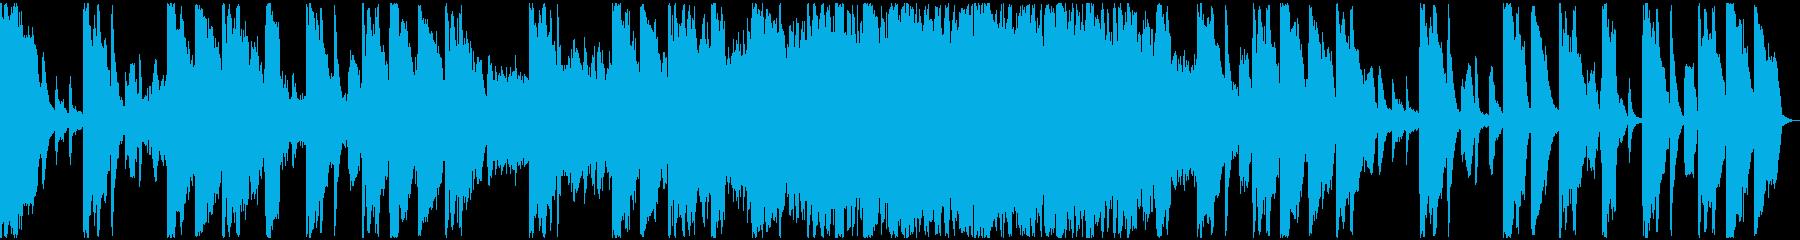 【ミステリアス】ロング1、ジングル2の再生済みの波形